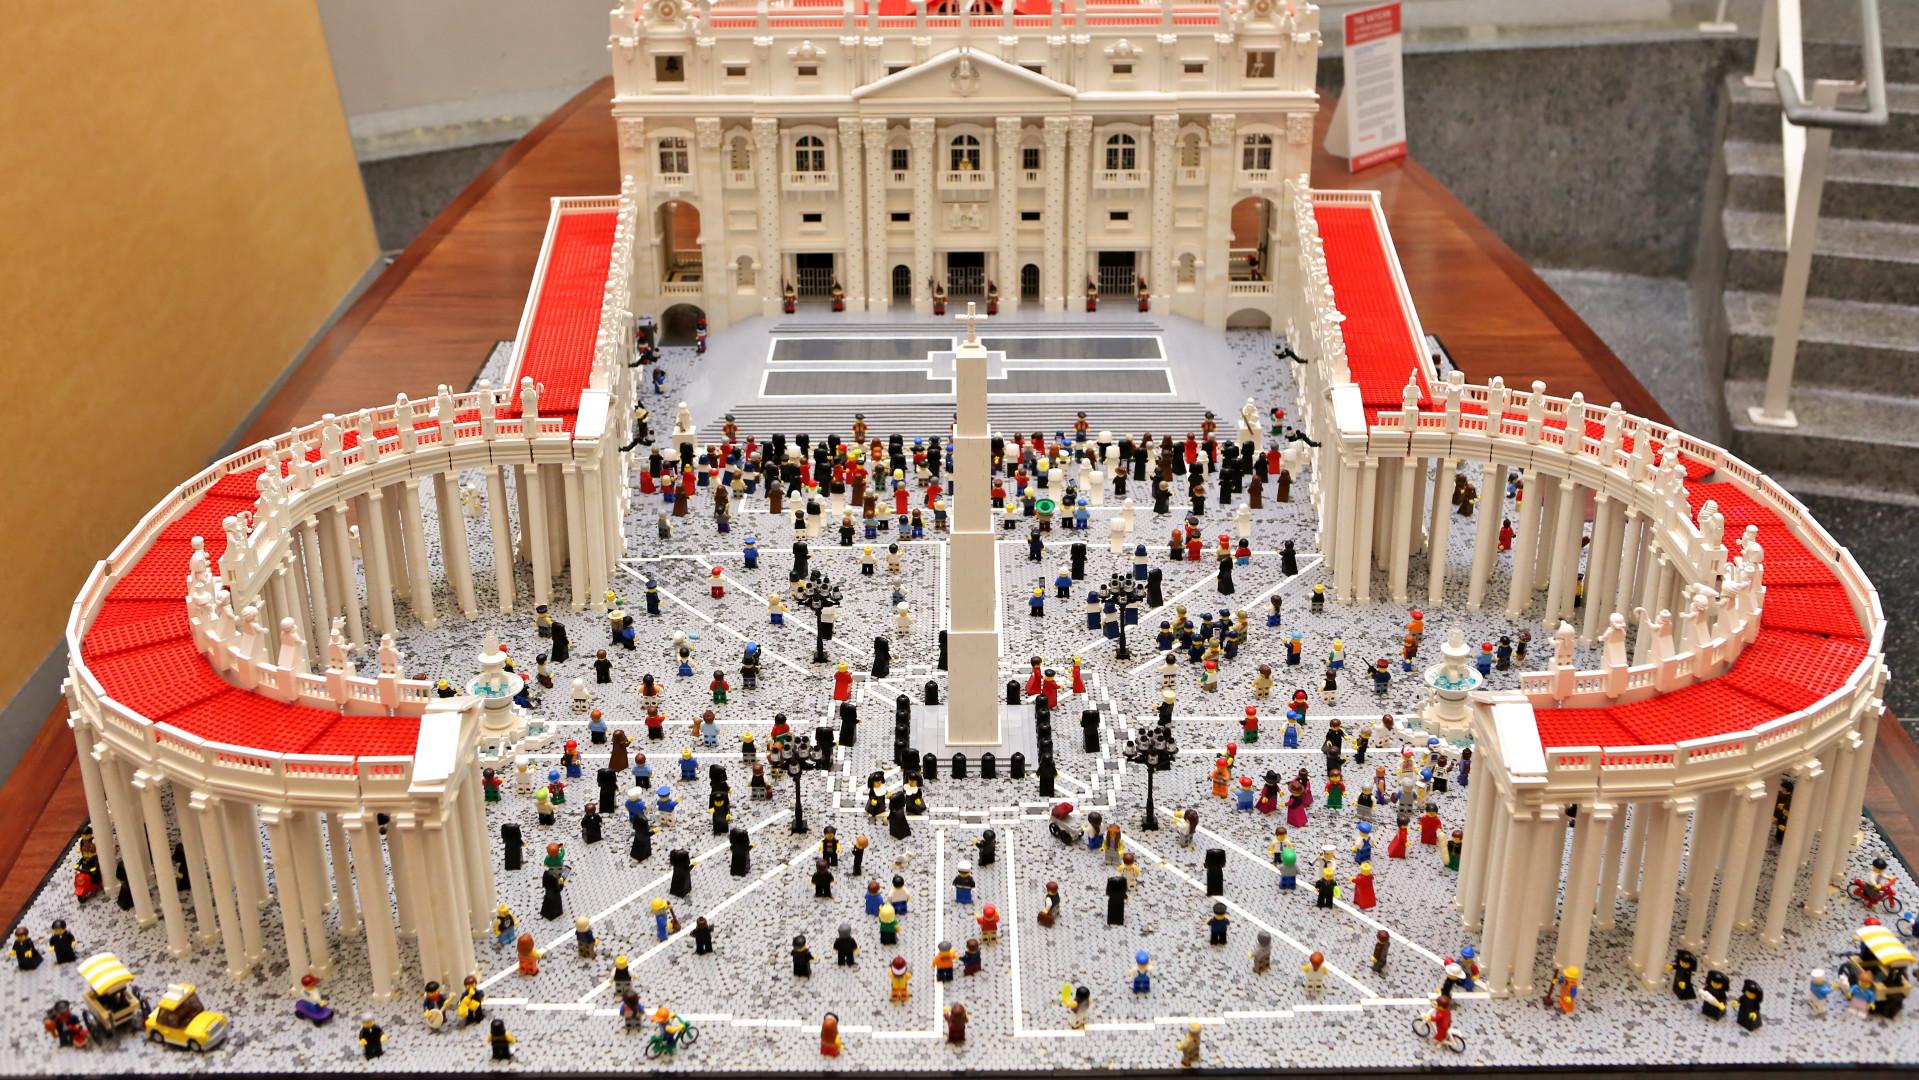 Un prêtre a recréé la Basilique Saint-Pierre de Rome en Lego